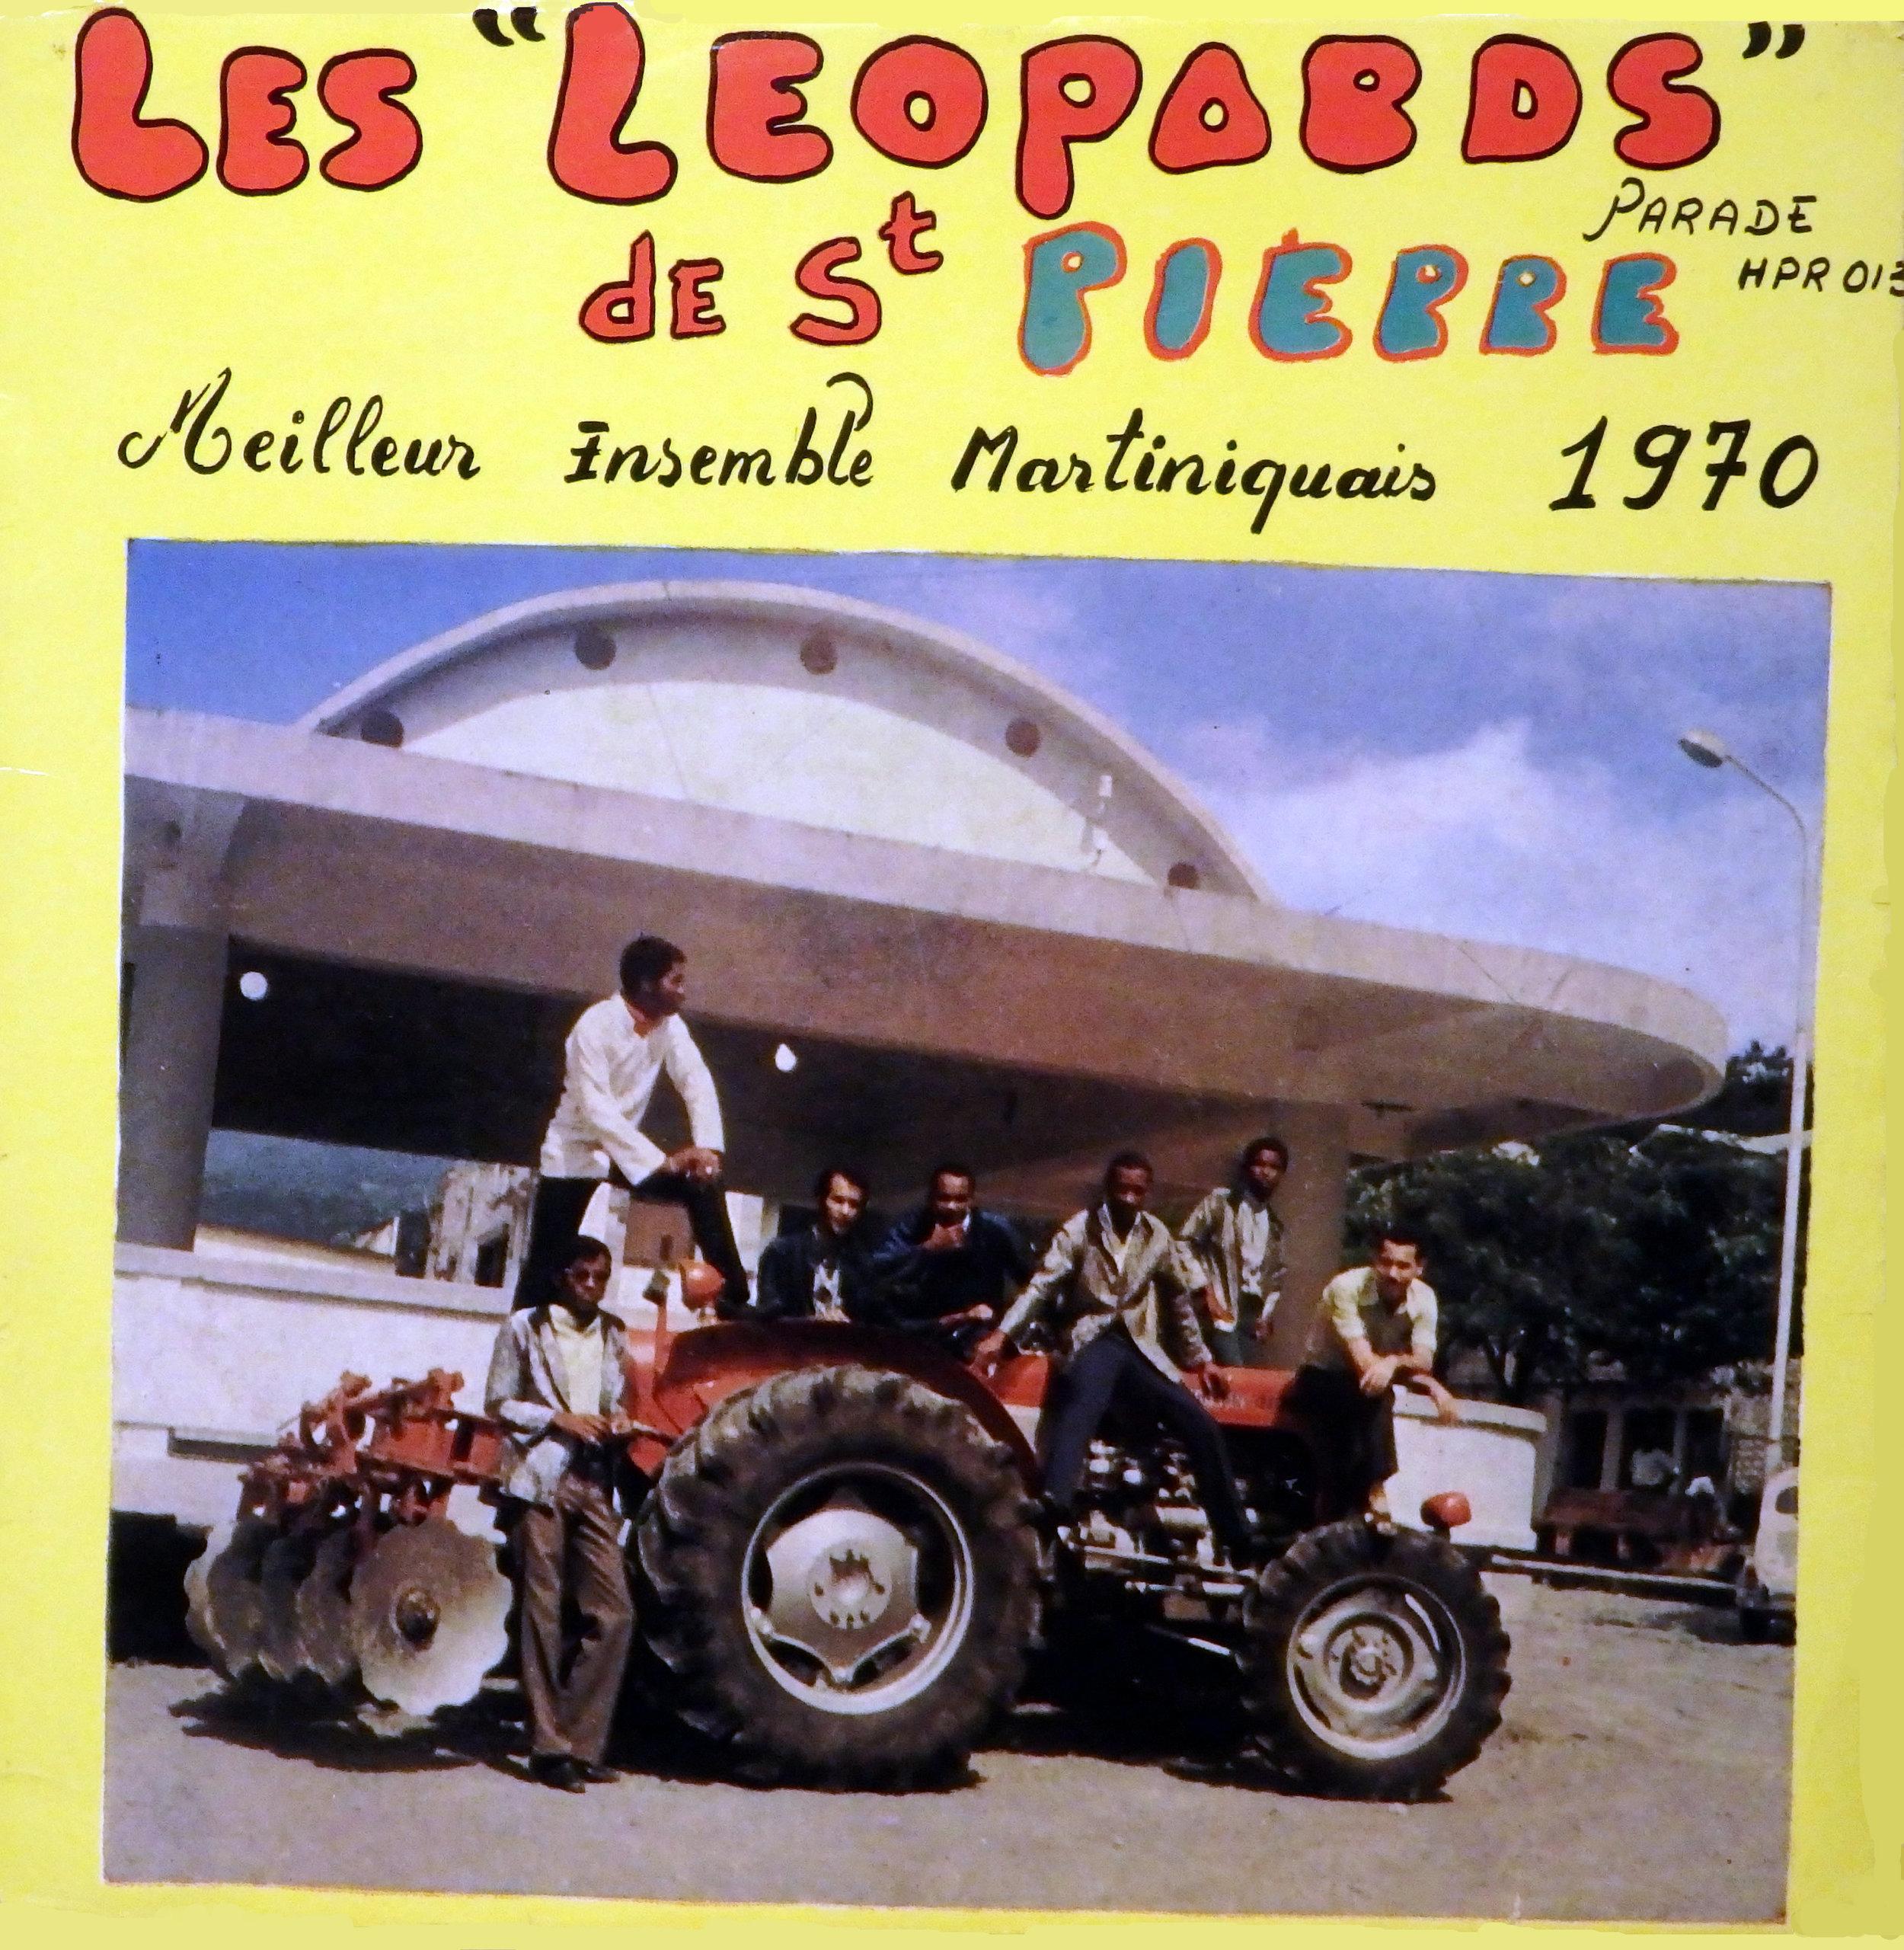 09 Meilleur Ensemble Martiniquais 1970.jpg